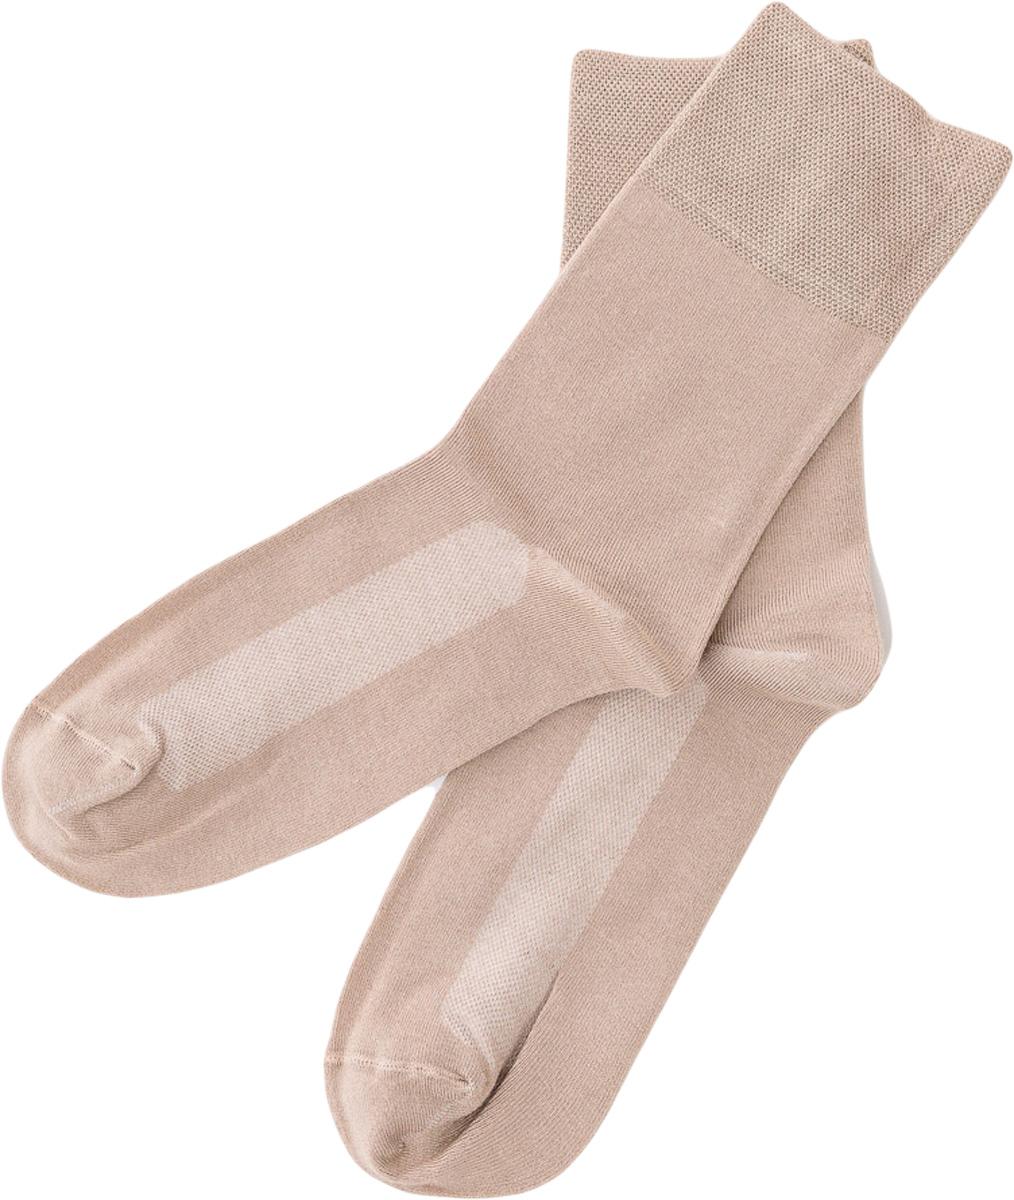 Носки мужские Mark Formelle, цвет: бежевый. 055K-131. Размер 40/41055K-131Удобные носки от Mark Formelle с охлаждающим эффектом Cooling Effect, изготовленные из высококачественного бамбукового материала с добавлением полиамида и эластана, очень мягкие и приятные на ощупь, позволяют коже дышать. Эластичная резинка плотно облегает ногу, не сдавливая ее, обеспечивая комфорт и удобство.